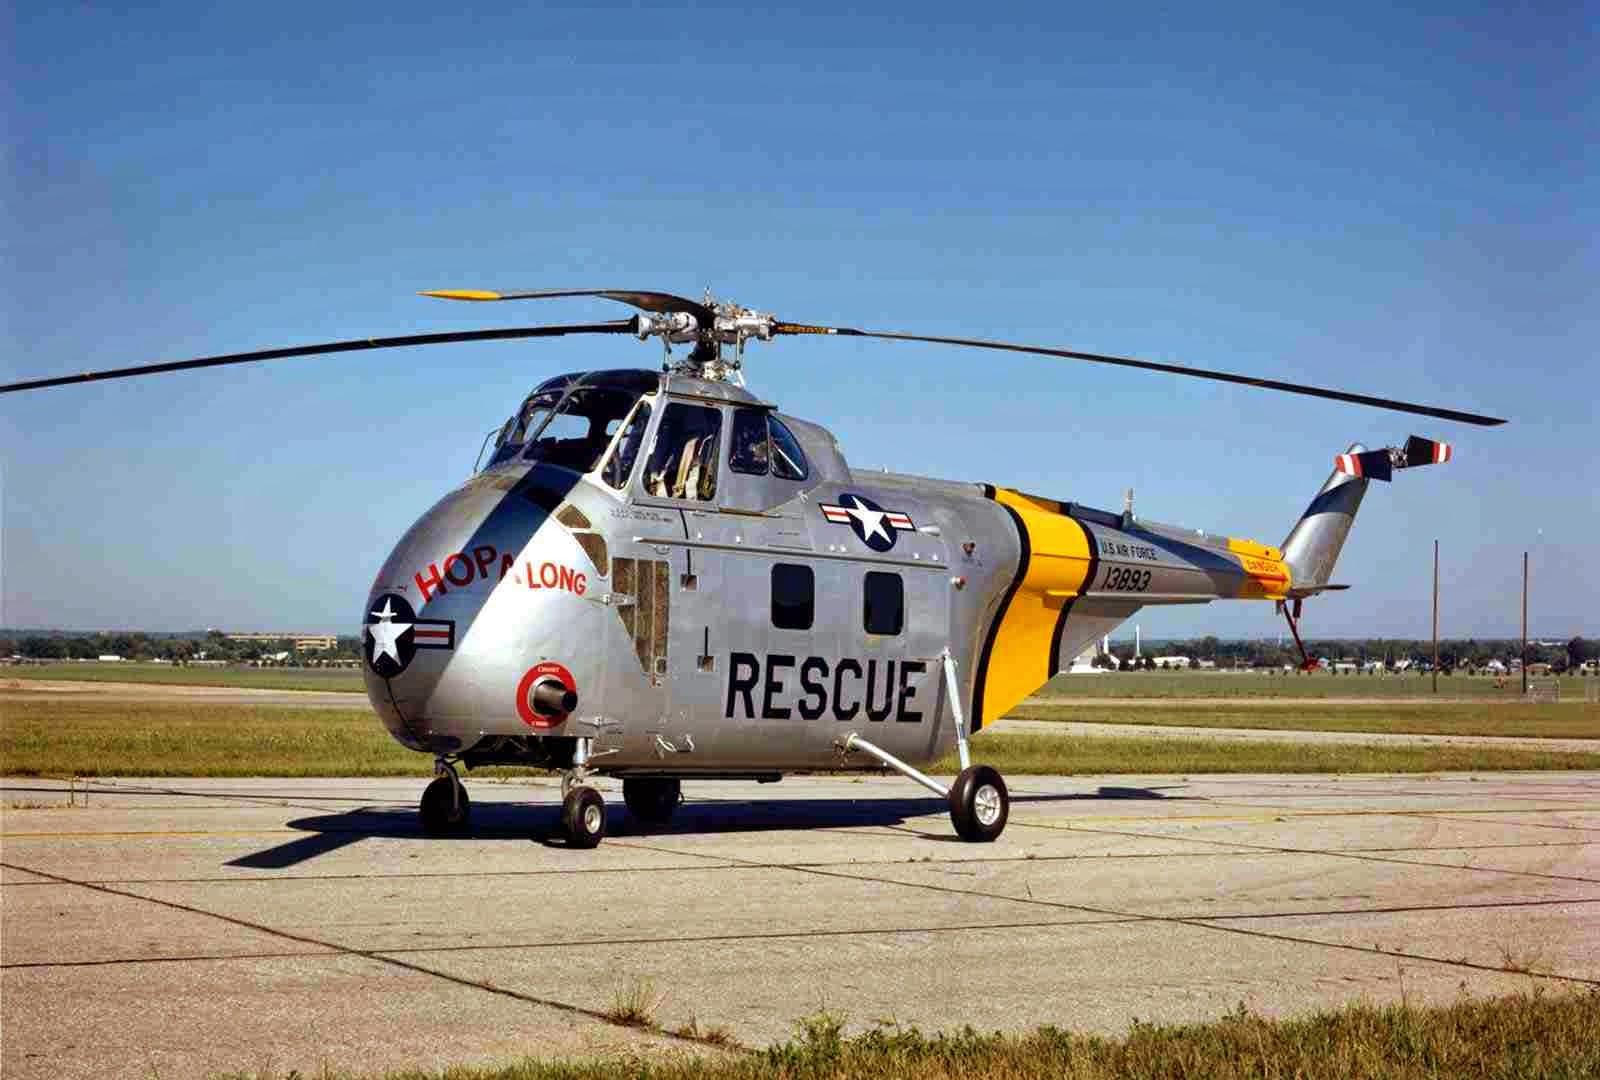 اجنحة تدور,تاريخ الطائرة الهليكوبتر,الطائرة الهليكوبتر,الهليكوبتر,ميكانيكا وتكنولوجيا,الطائرات